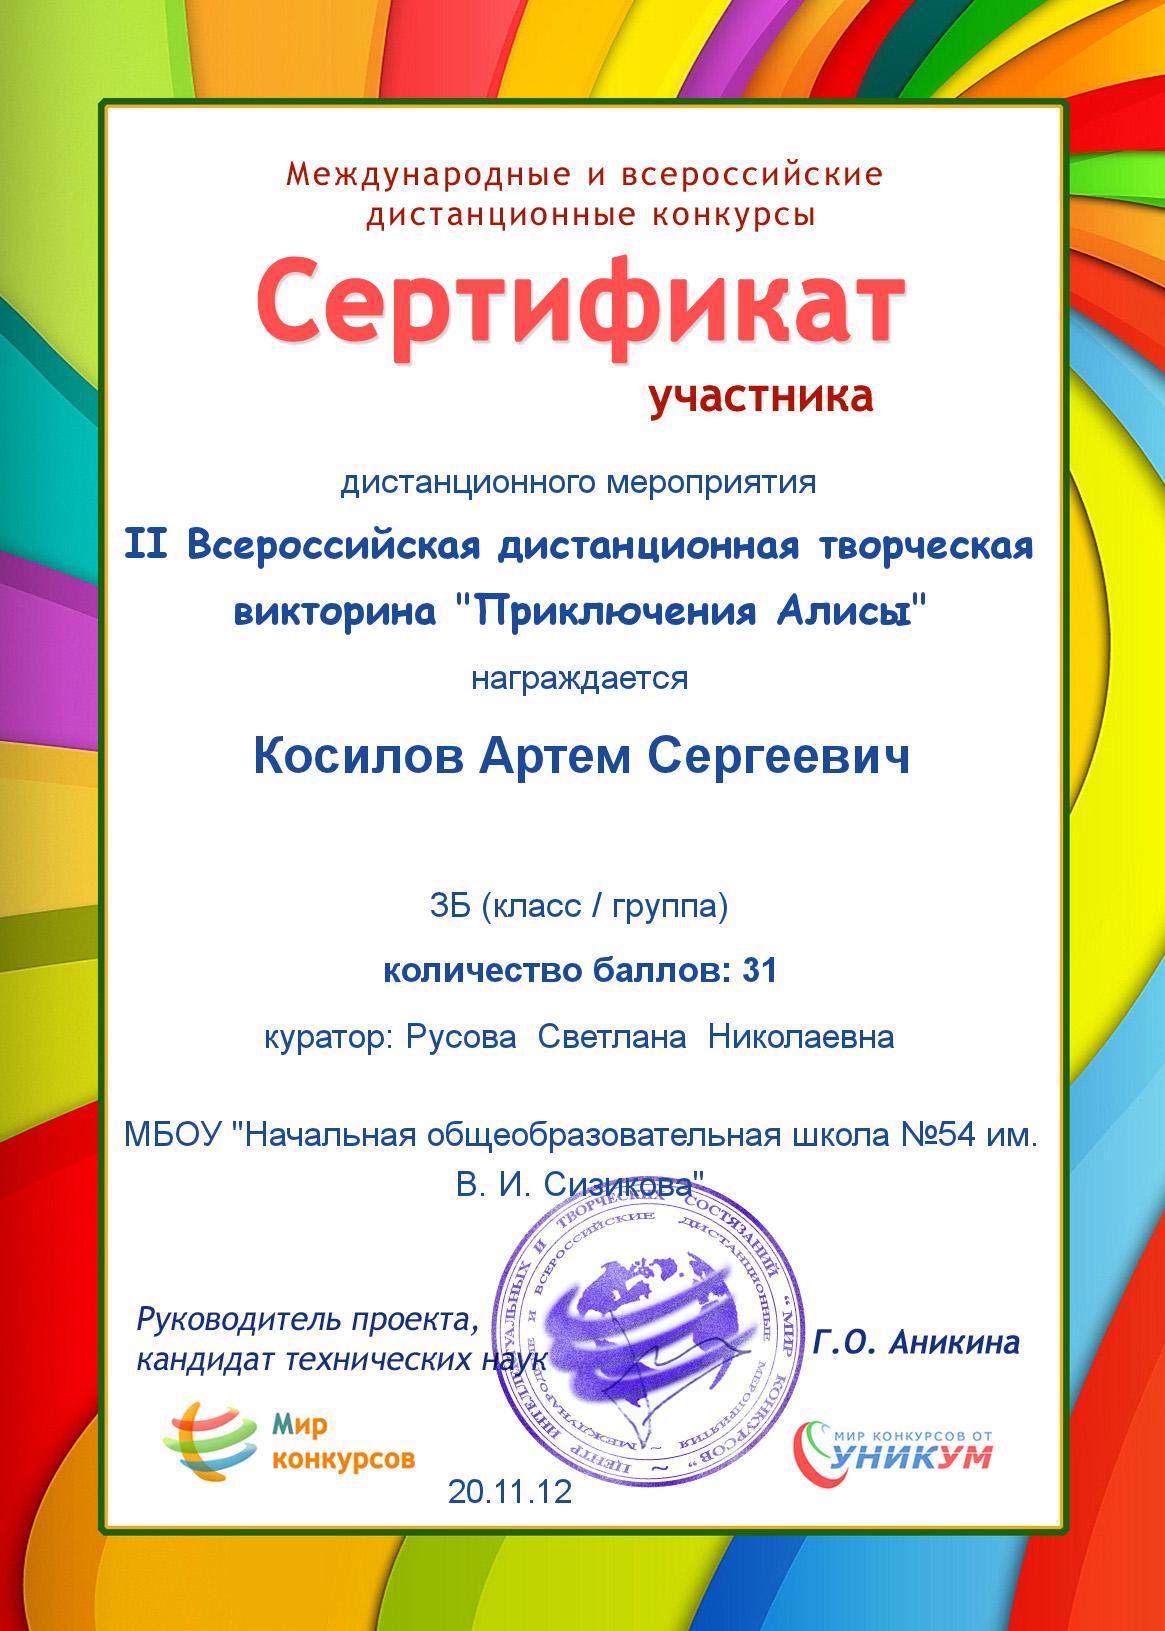 Положение о дистанционные конкурсы для педагогов